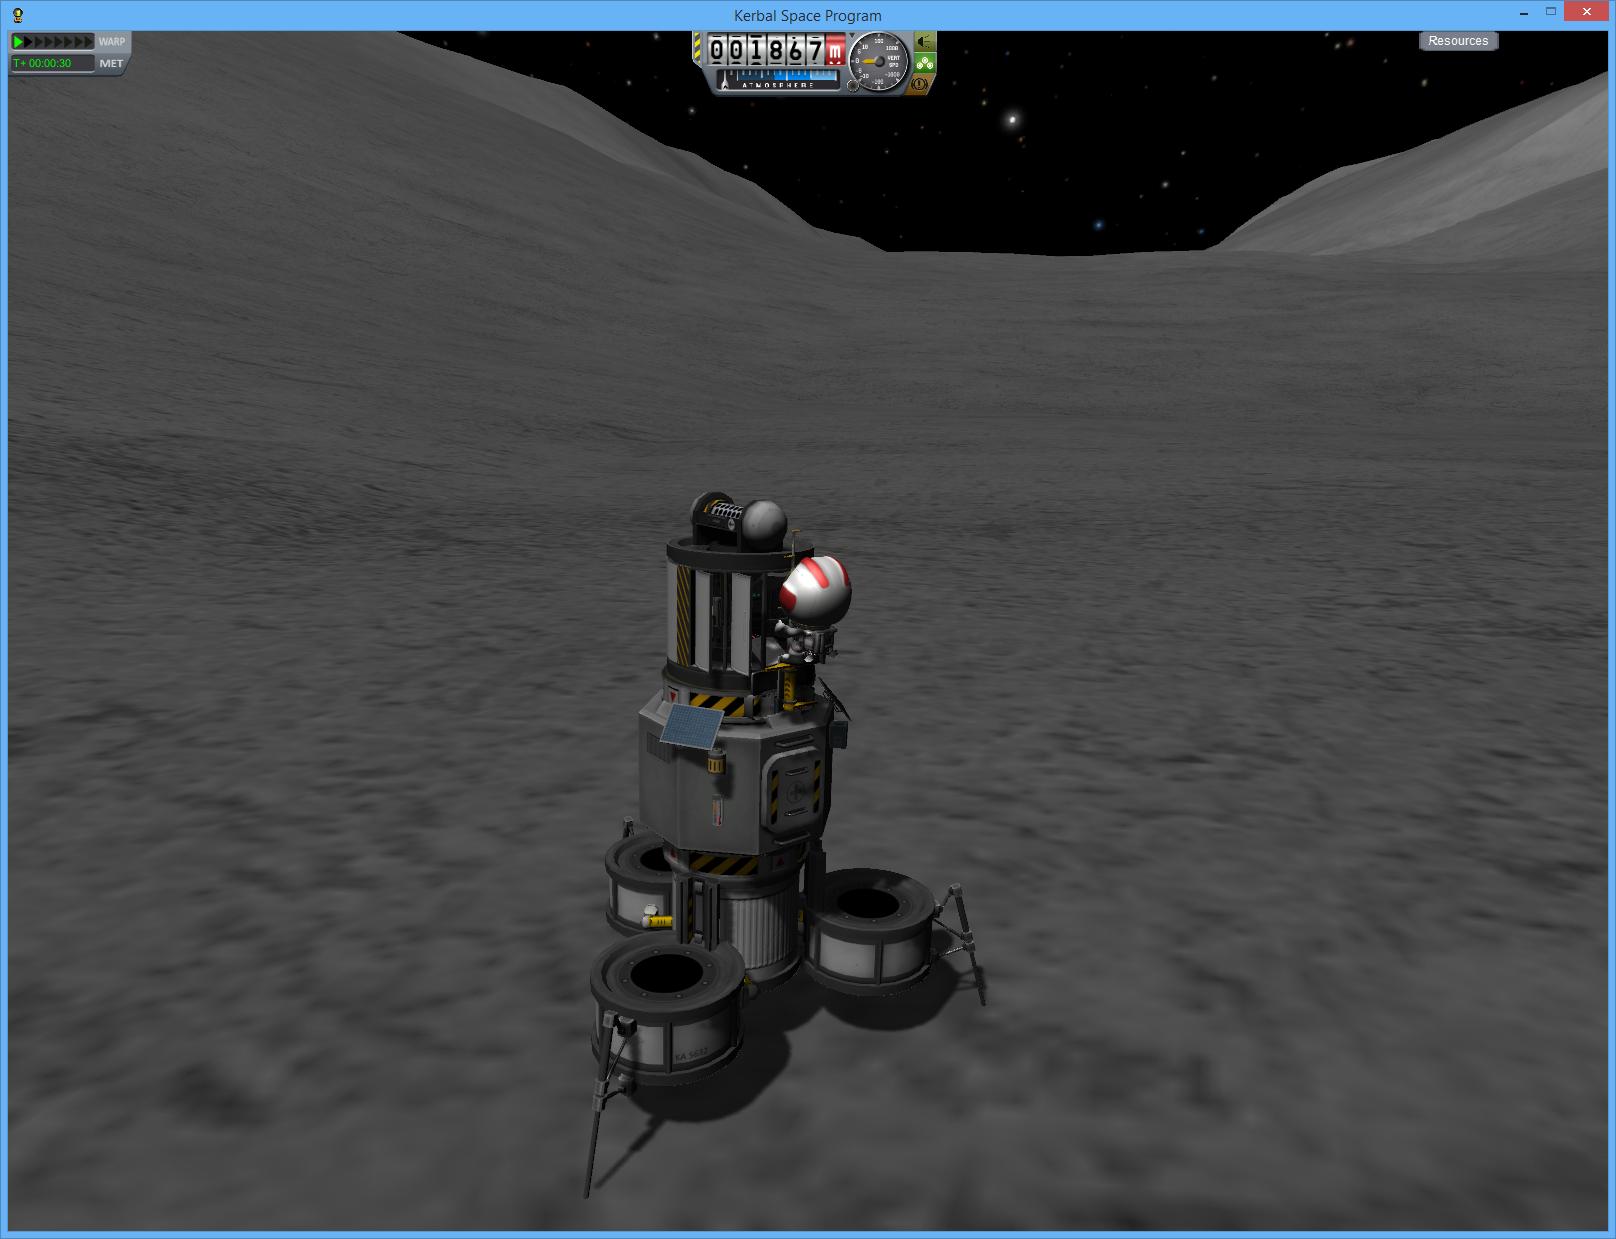 Lightweight Mun lander  | Kerbal Space Program | Kerbal